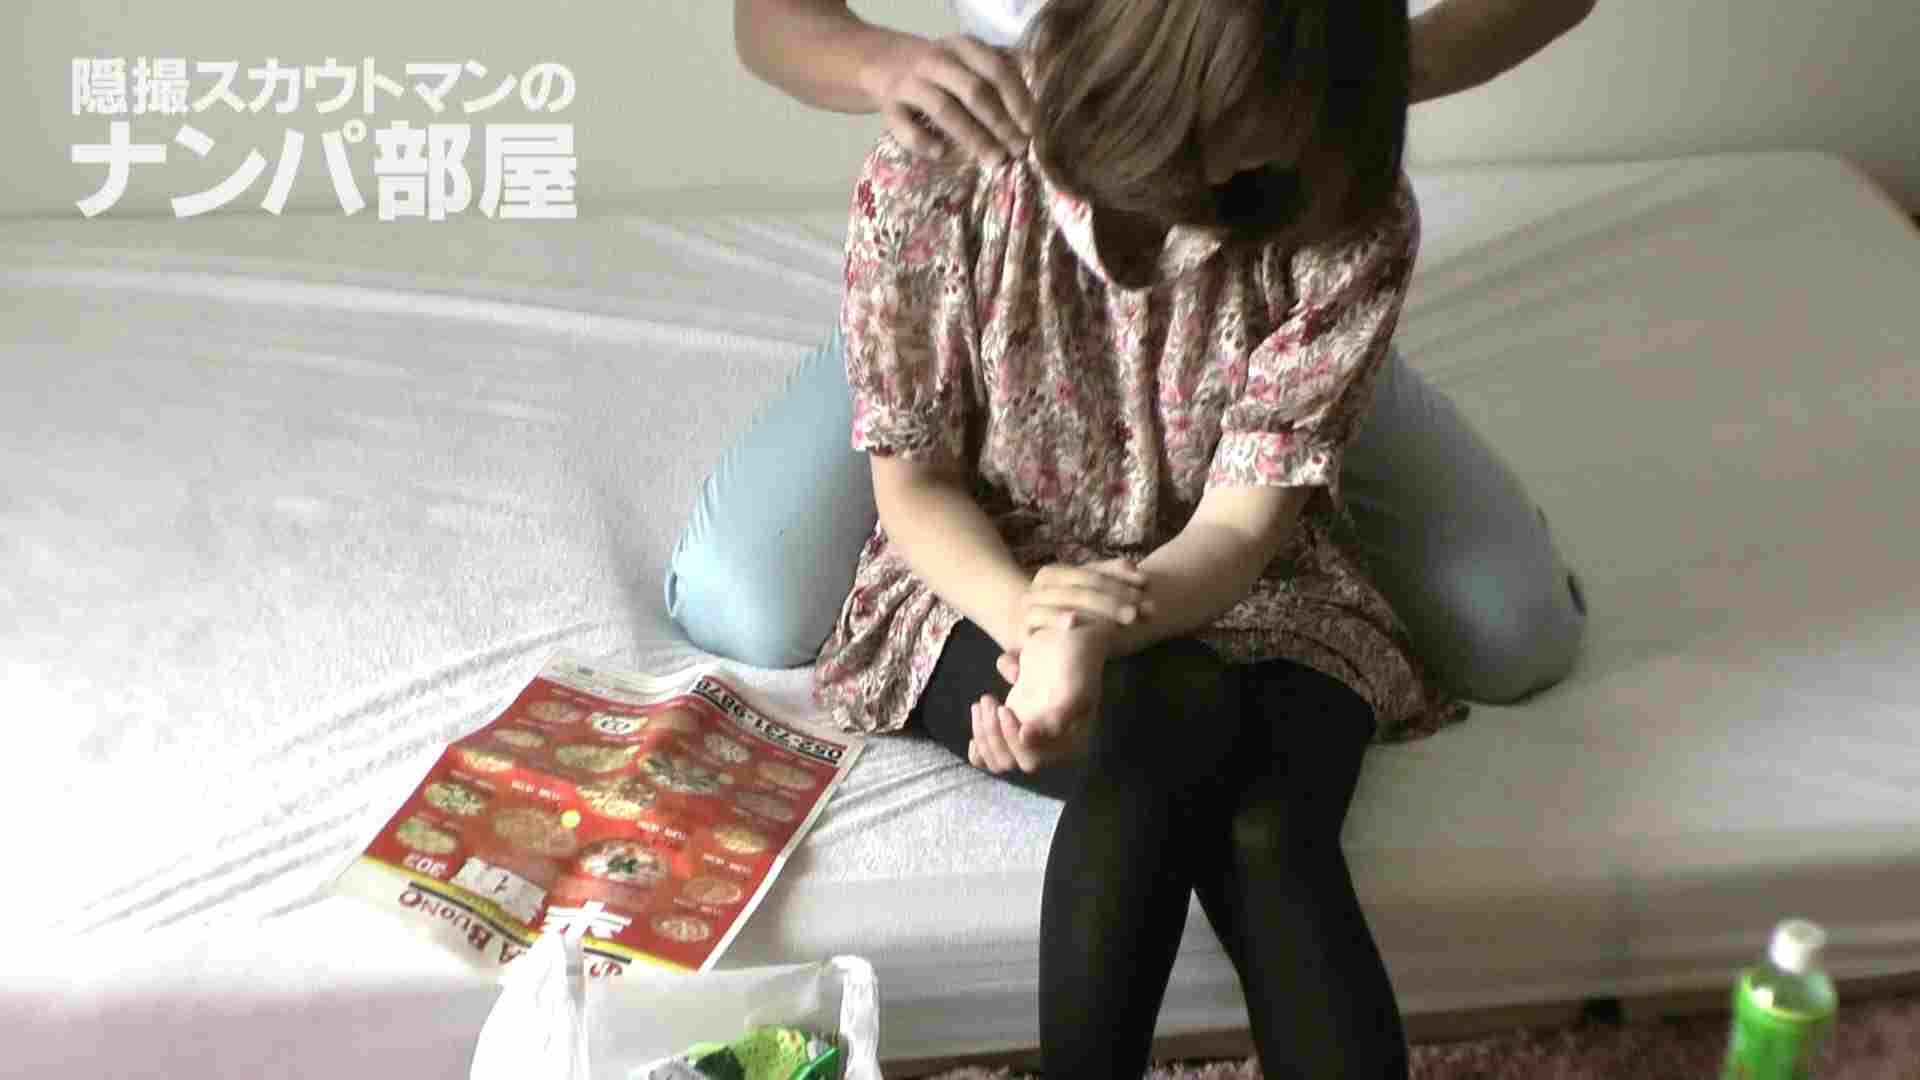 隠撮スカウトマンのナンパ部屋~風俗デビュー前のつまみ食い~ sii 0   0  104画像 14